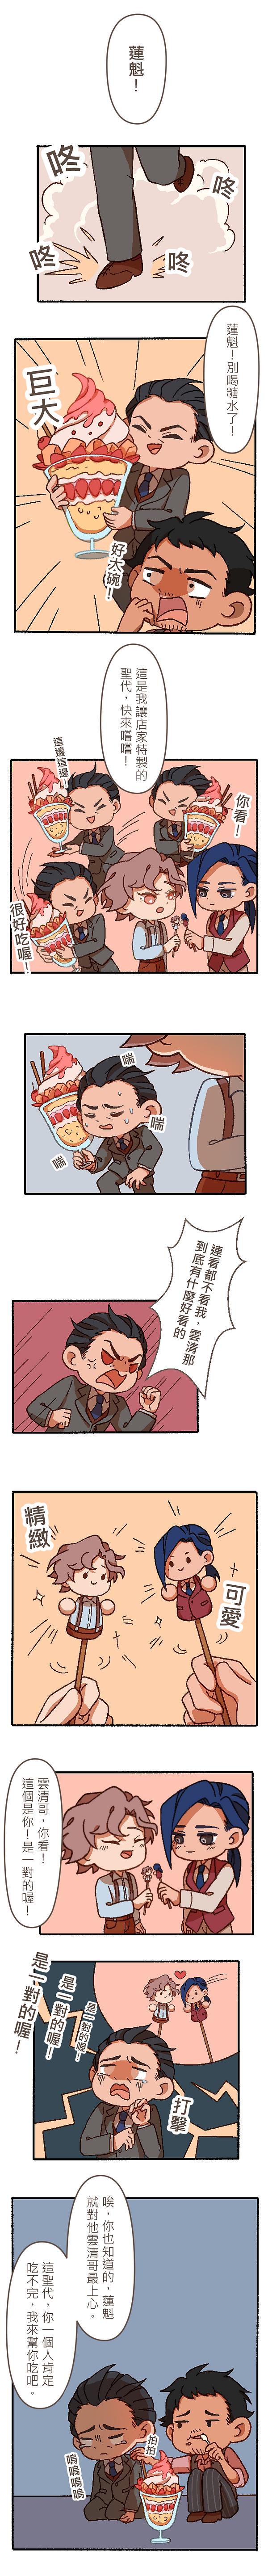 21台博(上)03.png